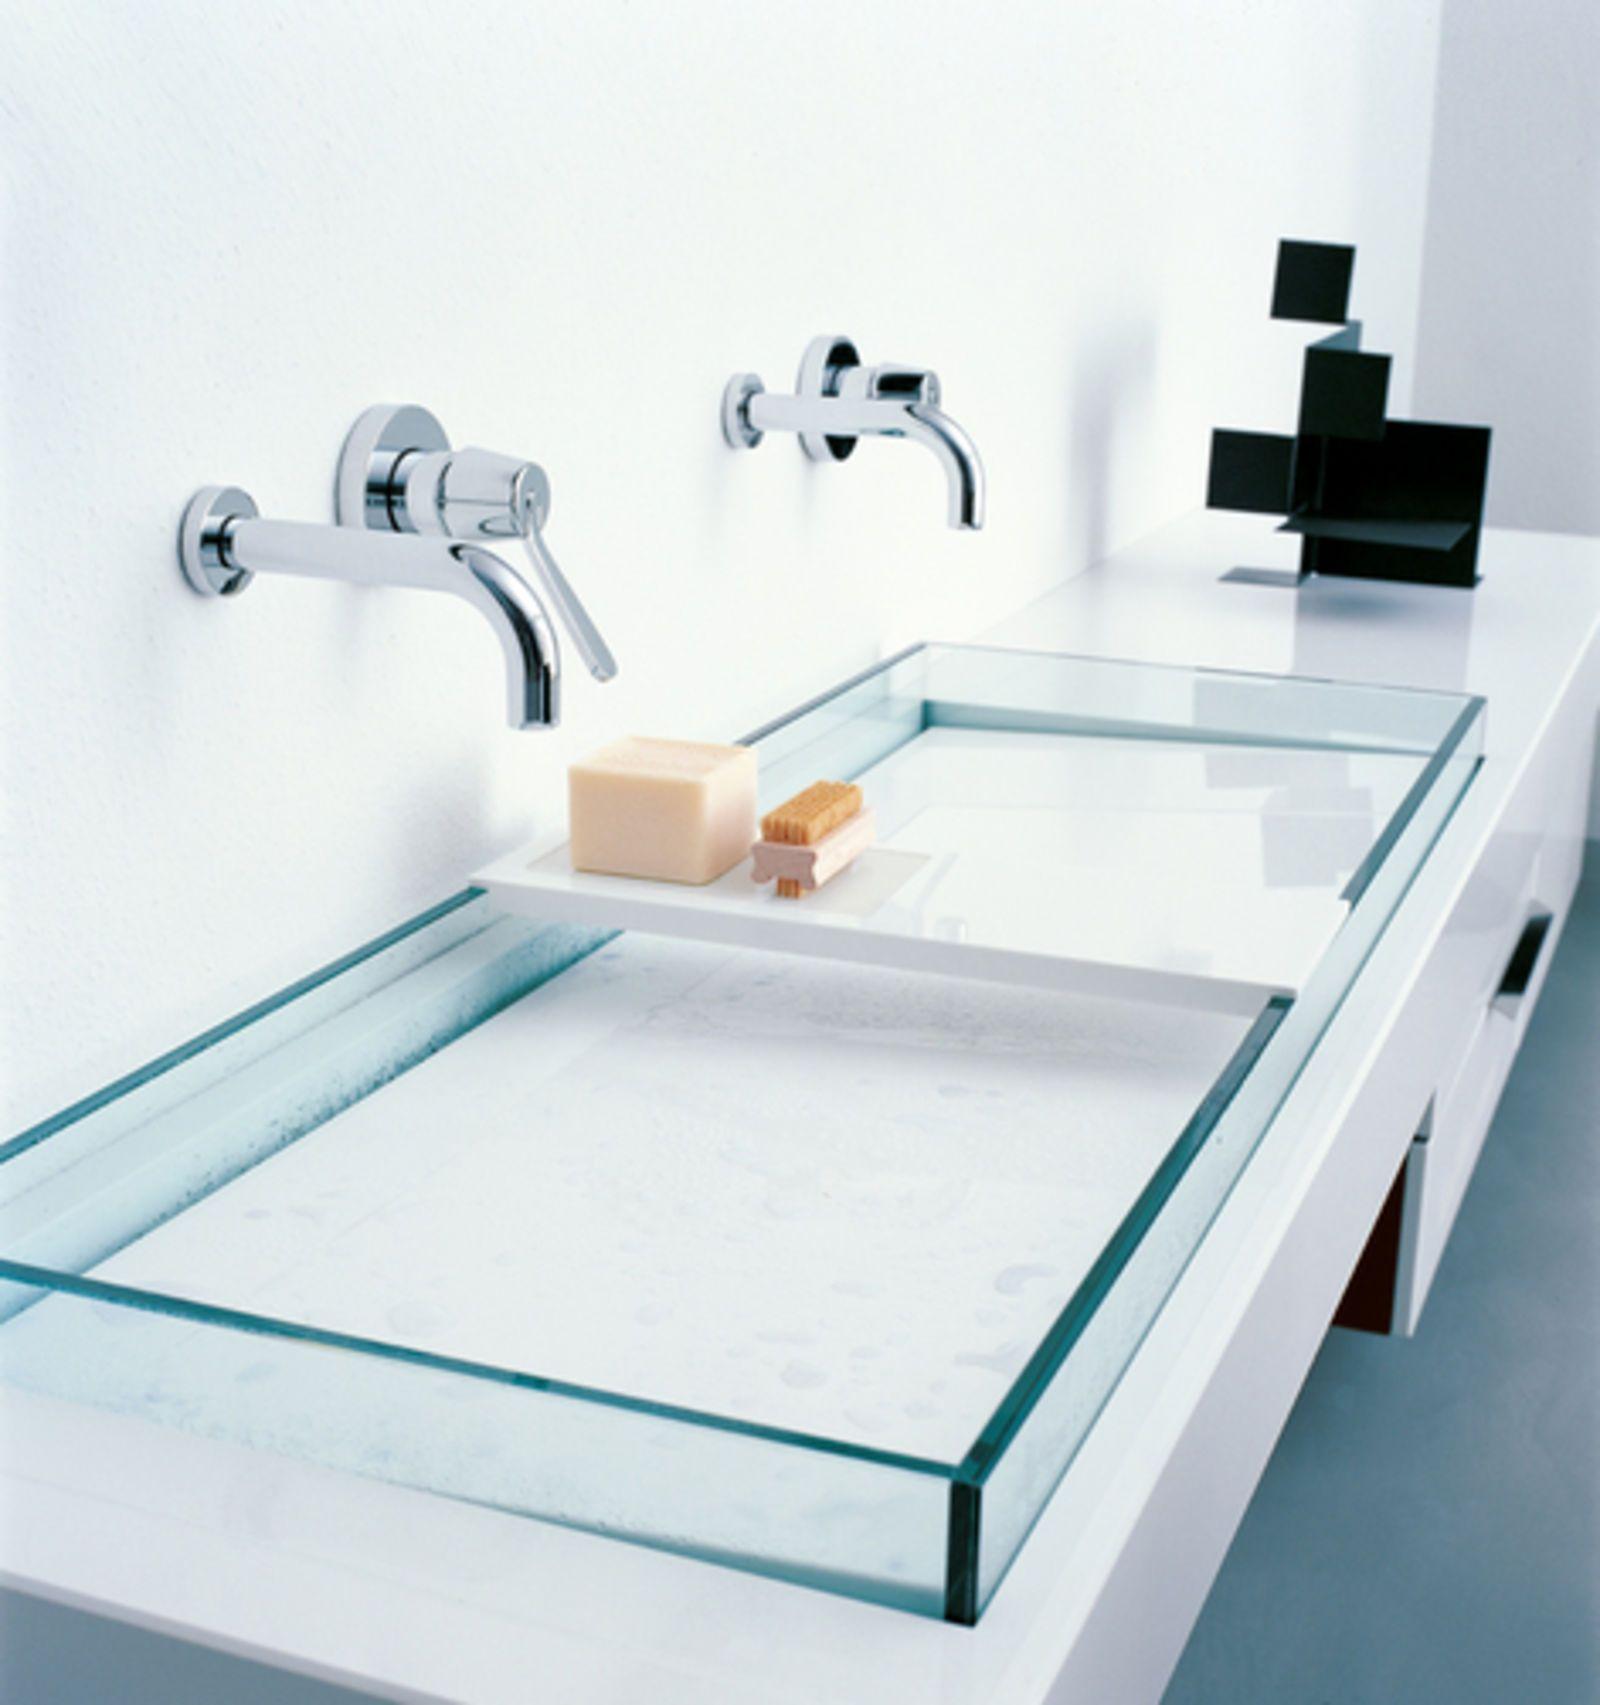 Ensuite badezimmerdesign futuristische badezimmer modernes waschbecken aus glas designed by